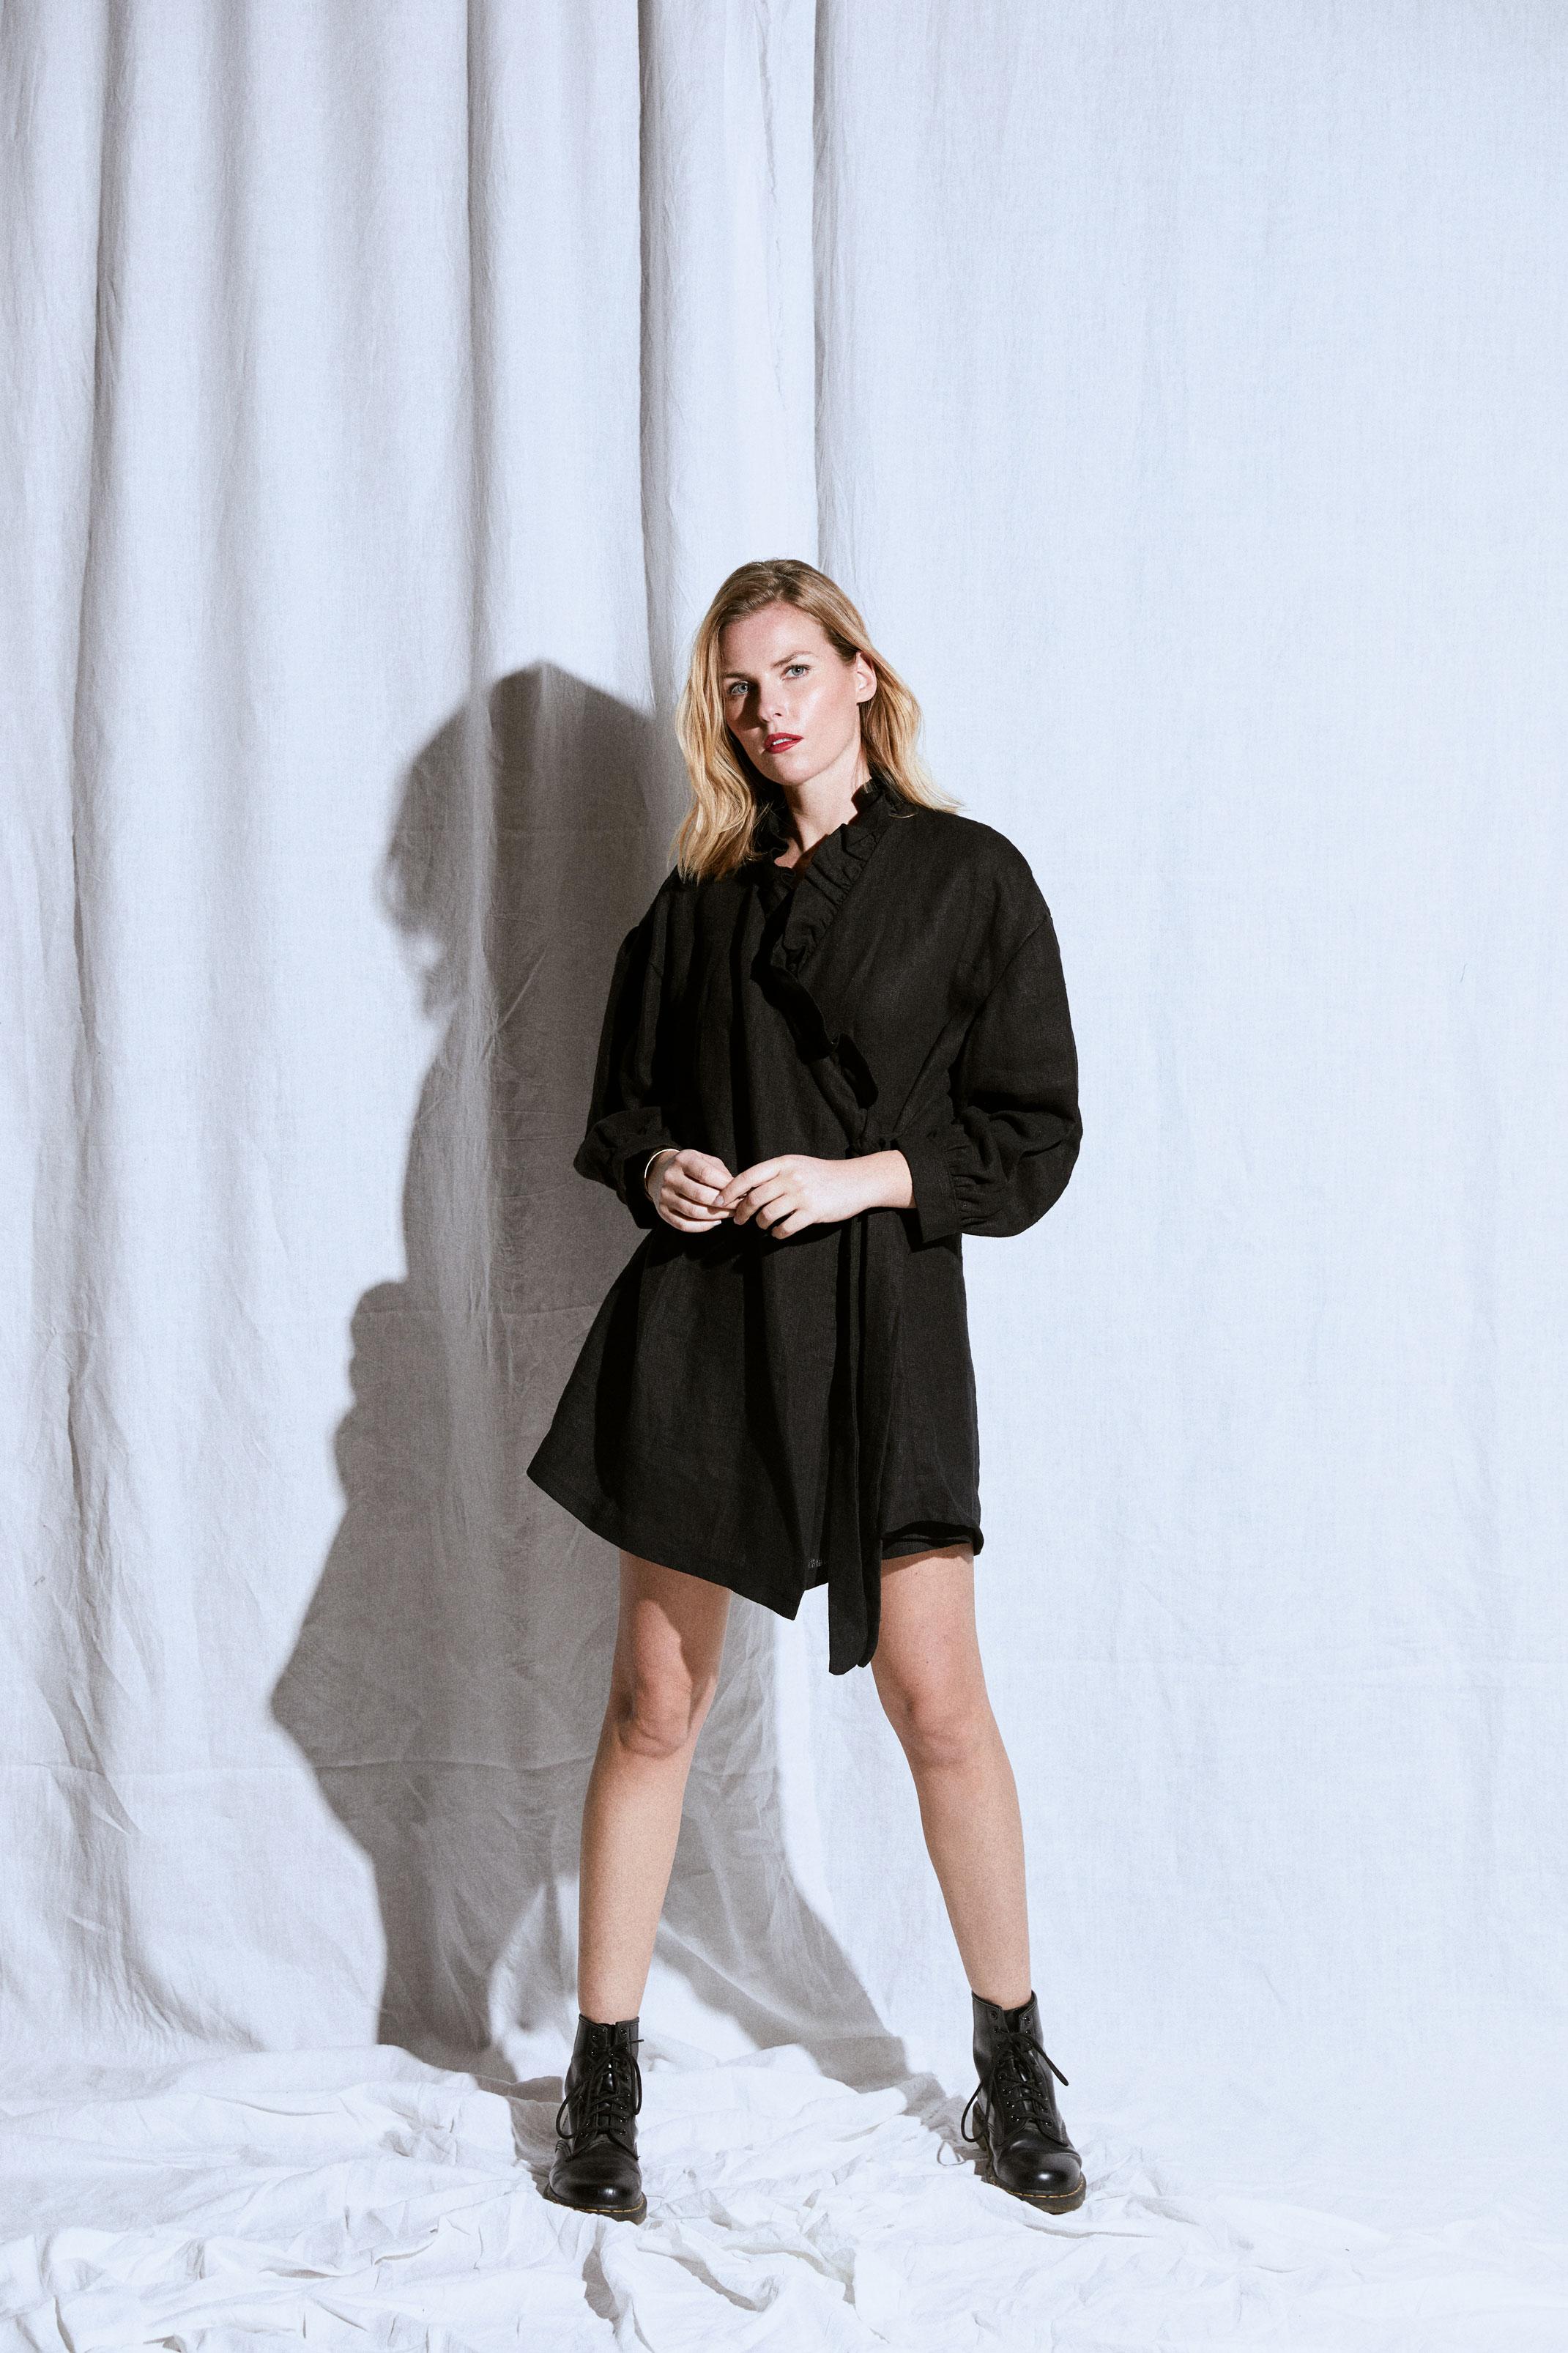 Photographe ecommerce dans la mode à Quimper